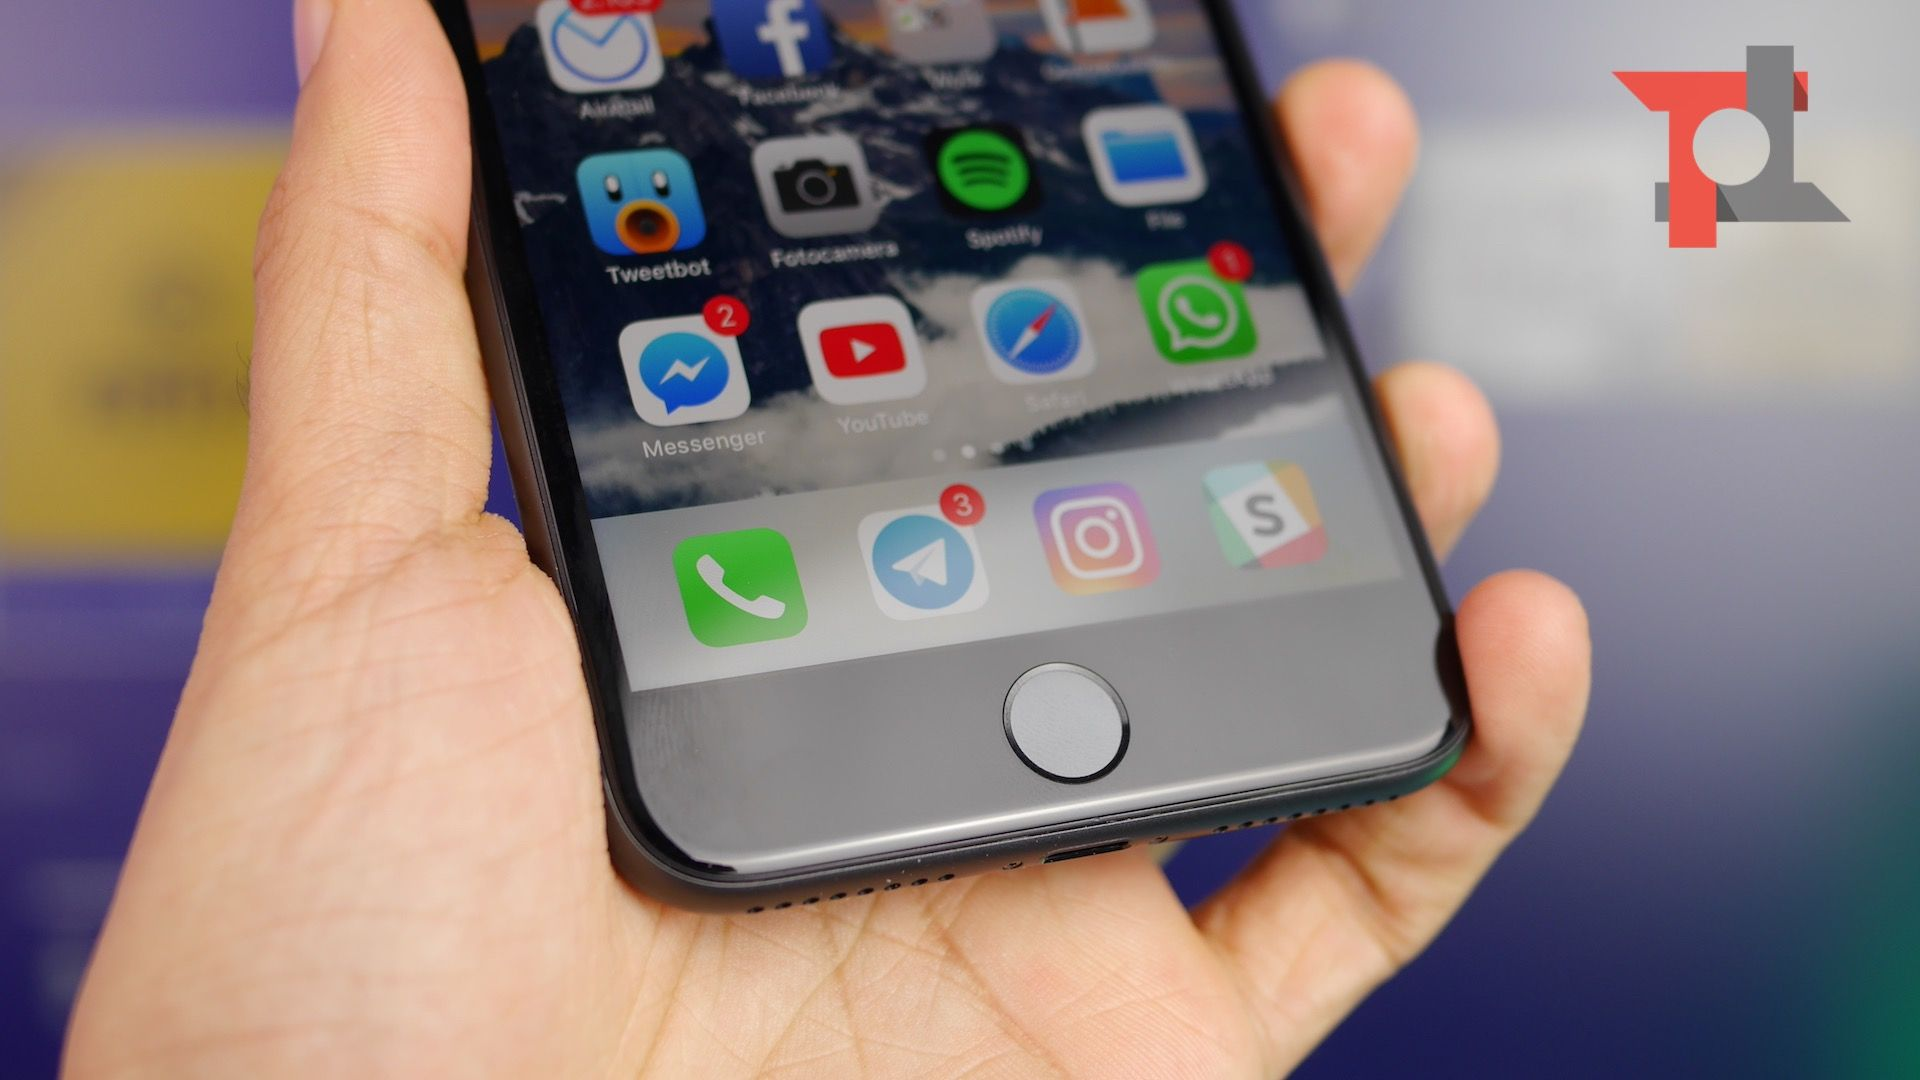 Casoria, contraffazione: scoperti due depositi fuorilegge di Iphone X